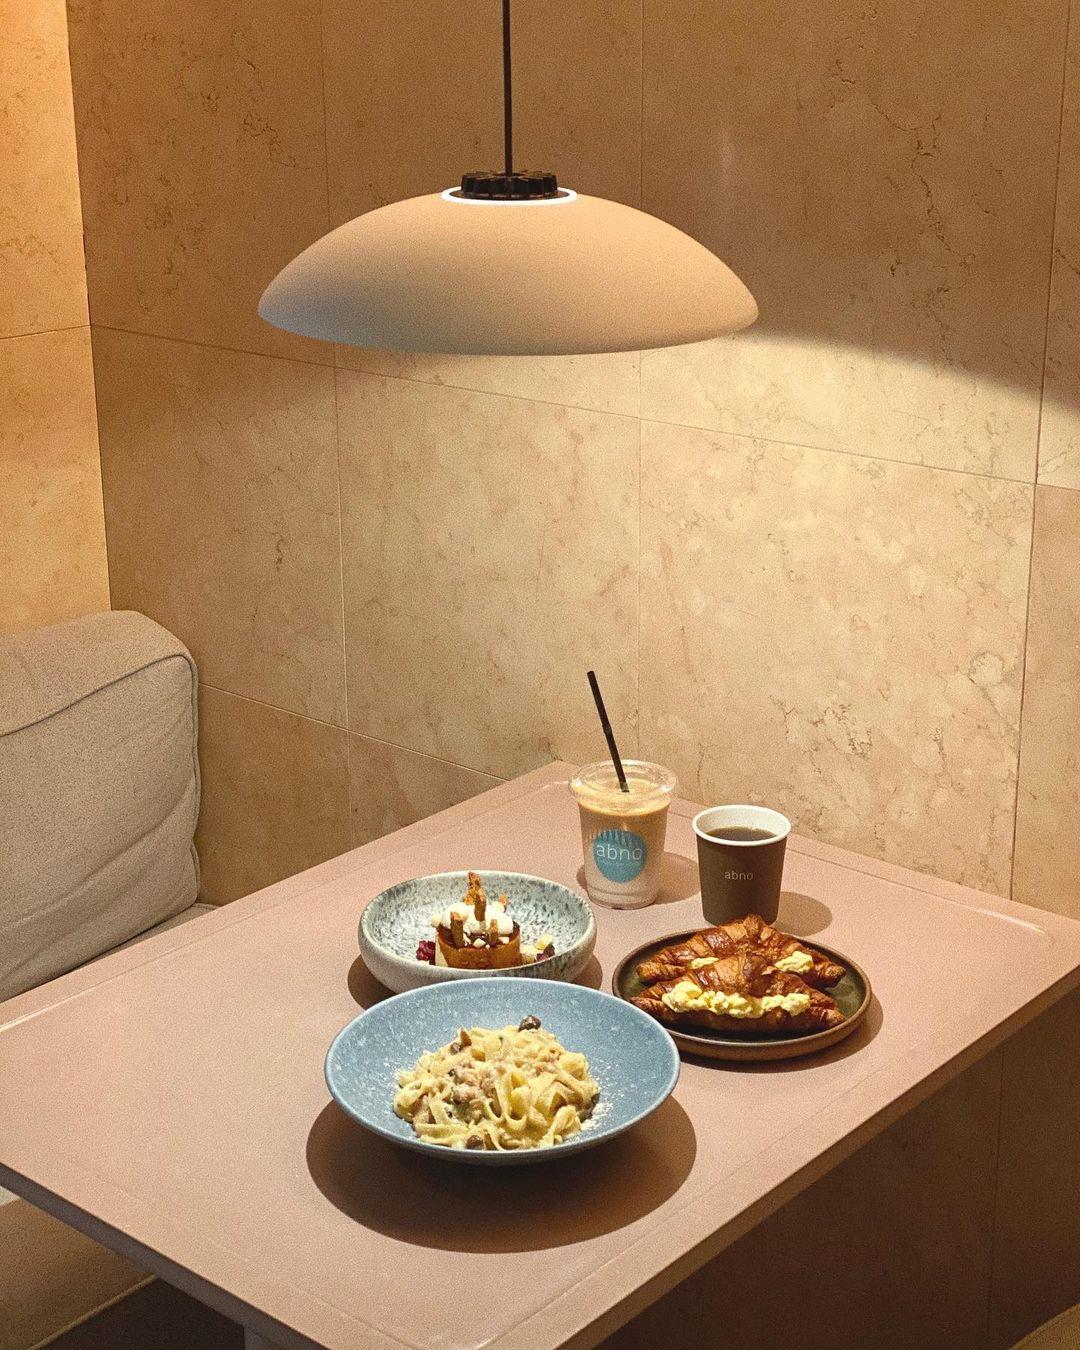 Premiumインフルエンサーズのインスタ拝見! 赤埴奈津子さんは、東京・馬喰町のおしゃれカフェ『abno』でブランチ♬_1